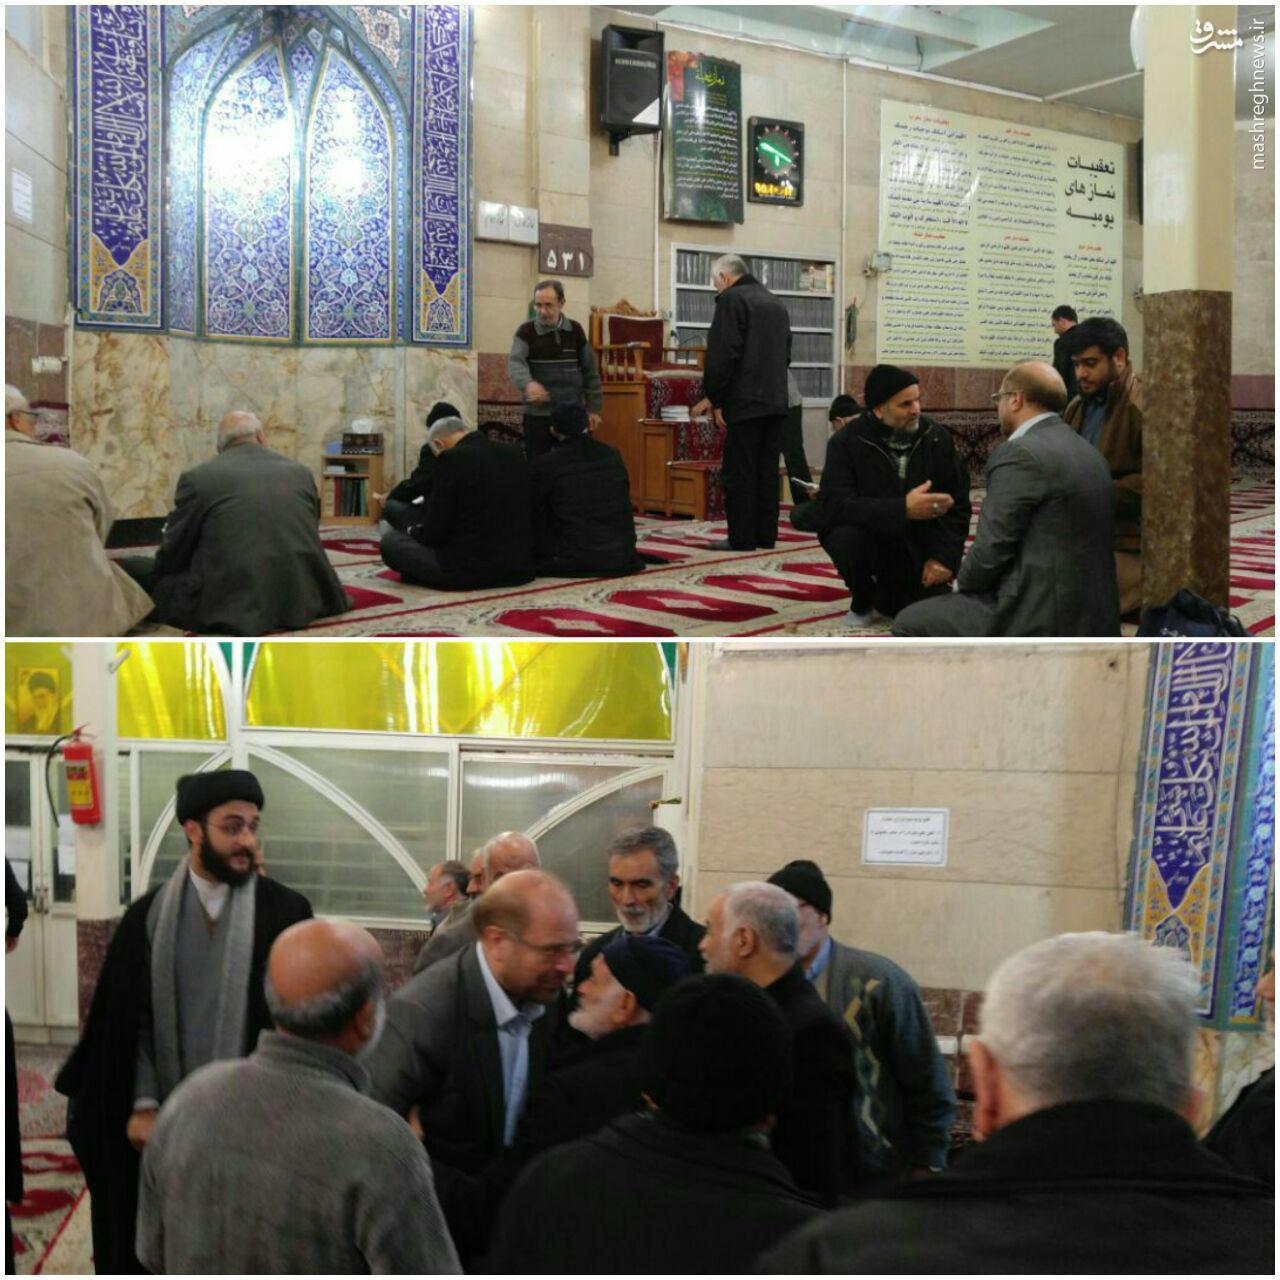 اقامه نماز صبح دکتر قالیباف در مسجد صاحبالزمان محله ولی عصر(عج) در منطقه